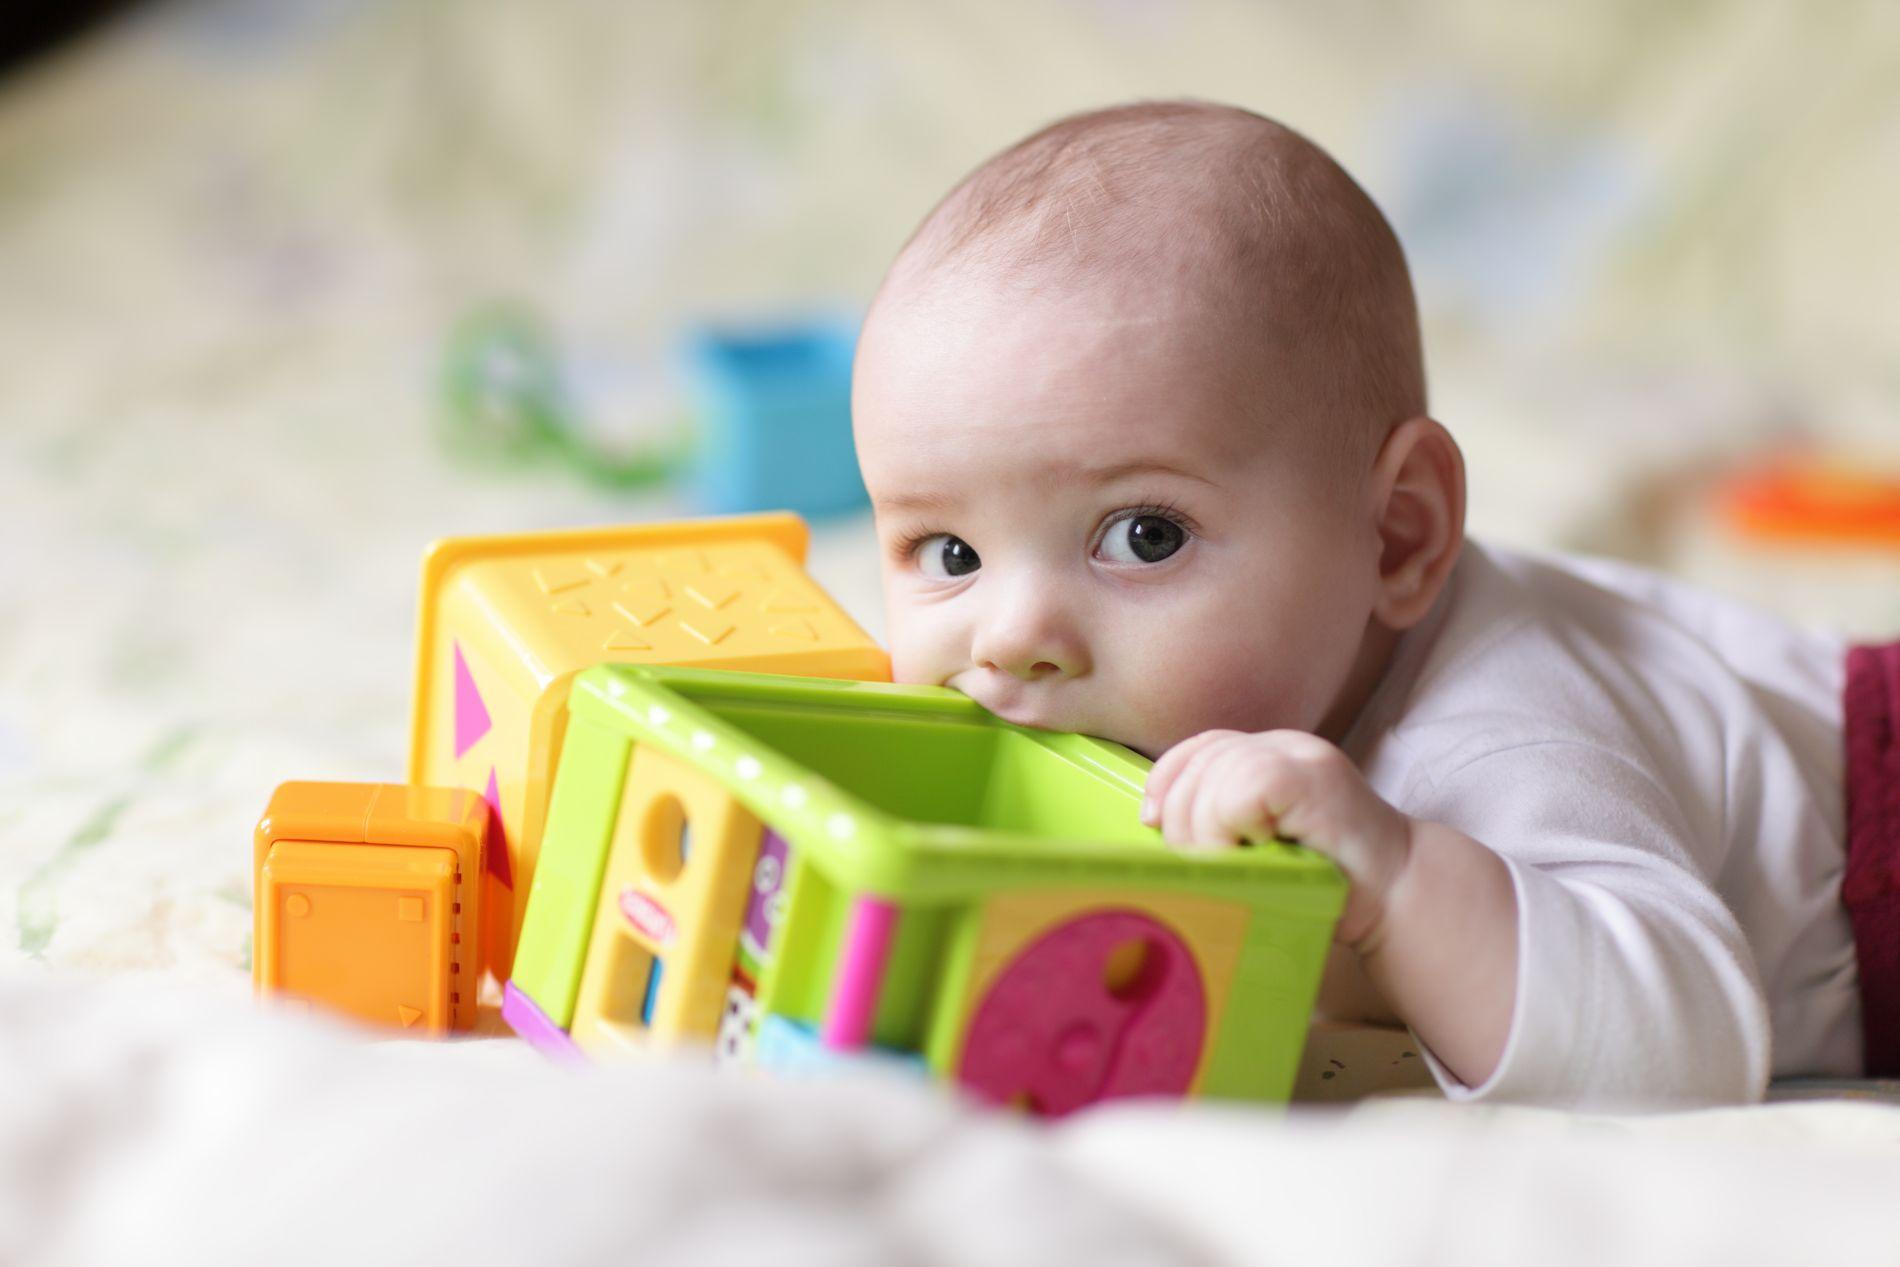 INN I MUNNEN: Babyer utforsker verden ved å putte ting i munnen. Da er det viktig å vite at lekene er trygge.